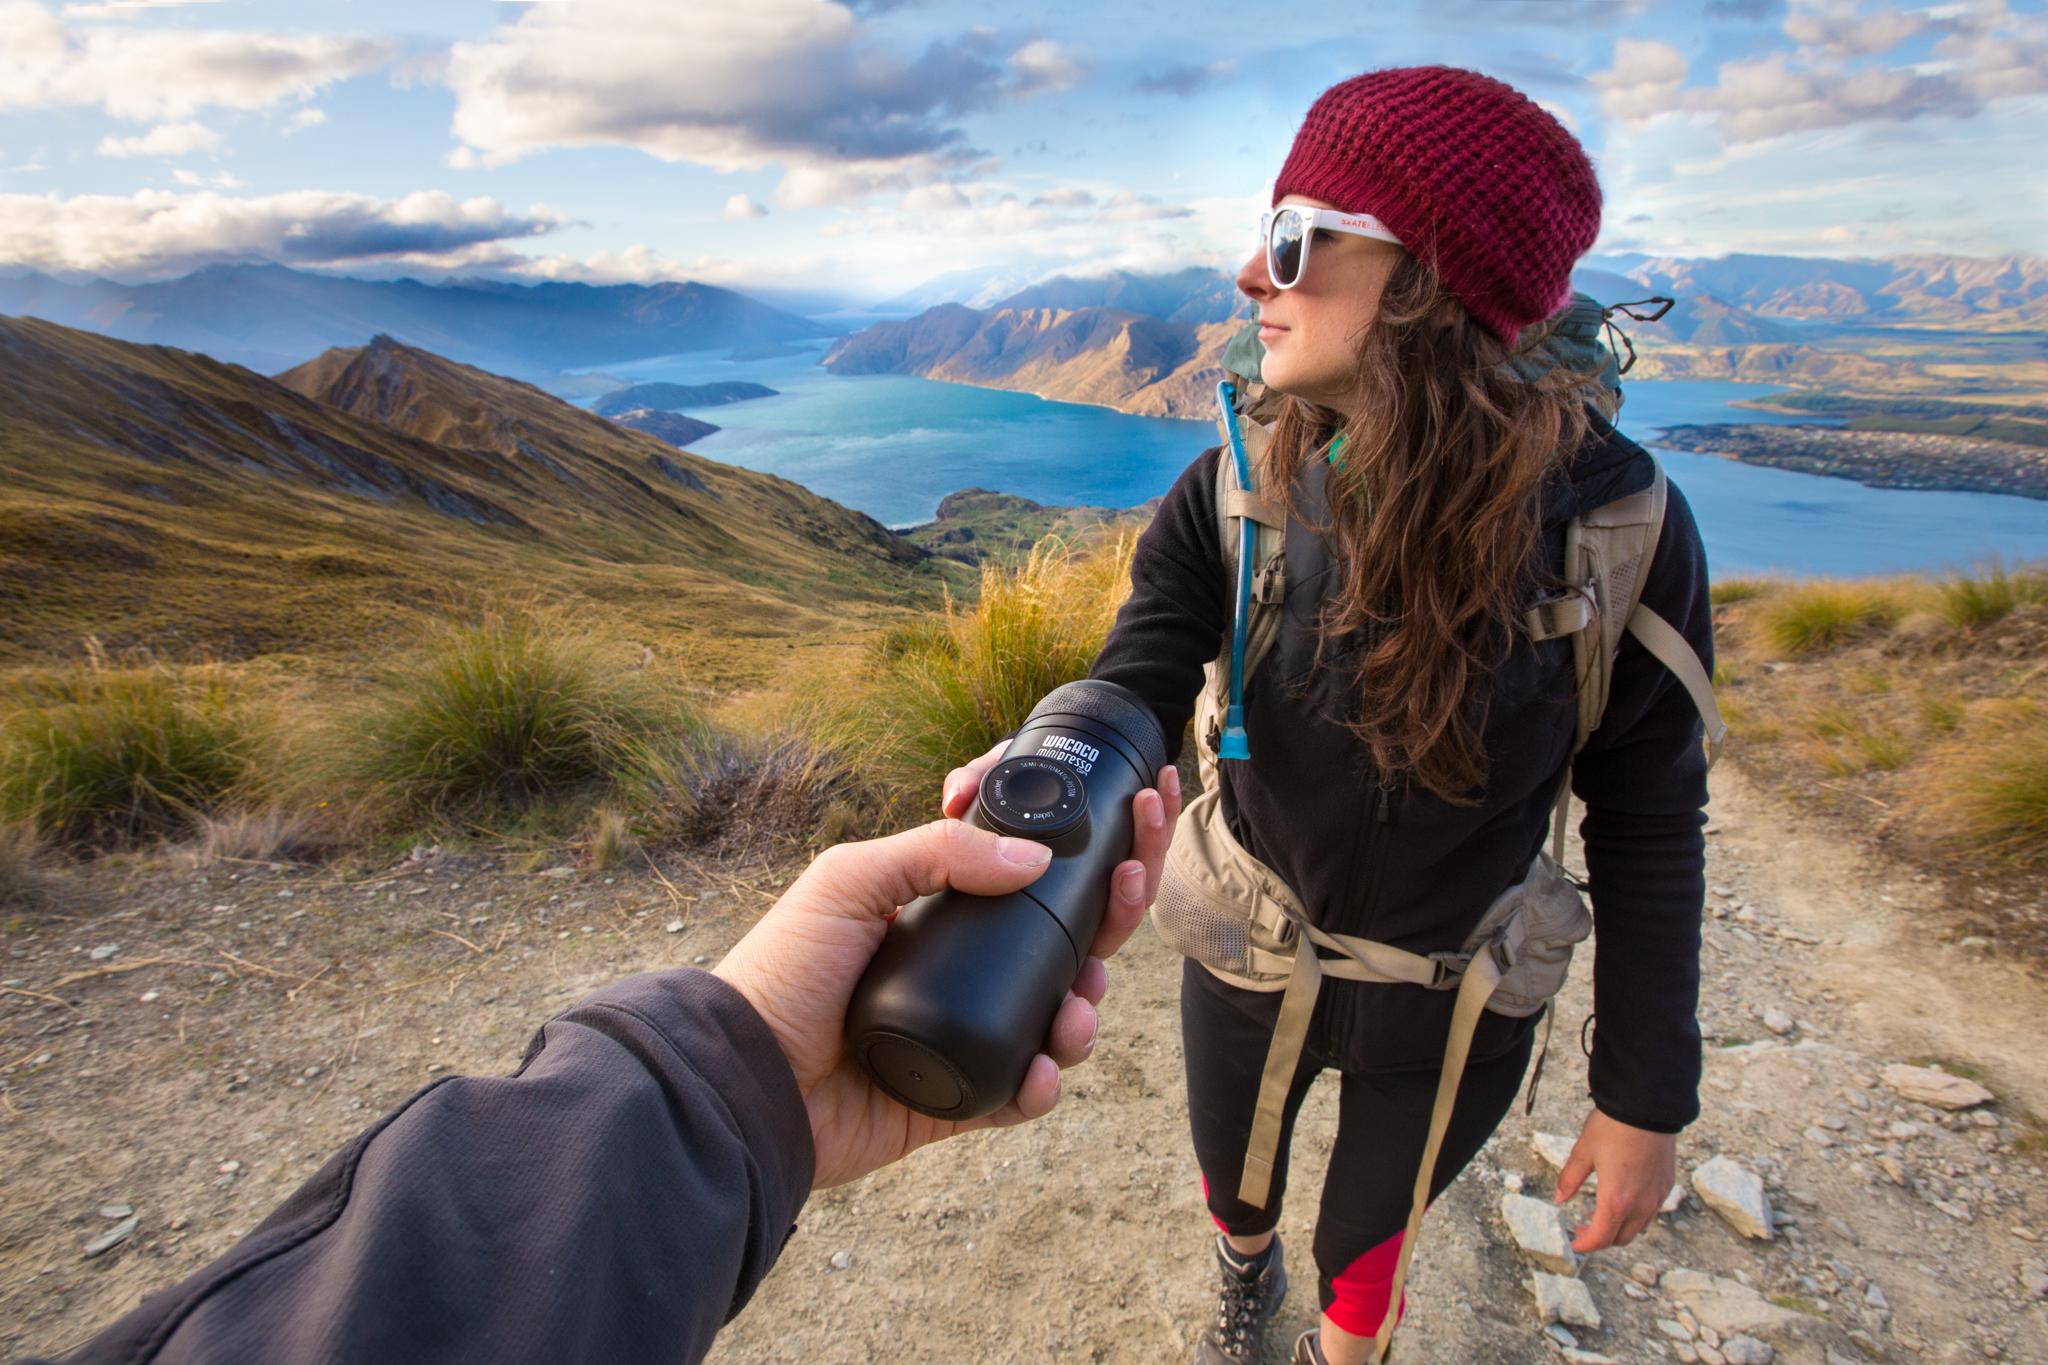 Minipresso_NZ_Web-10.jpg